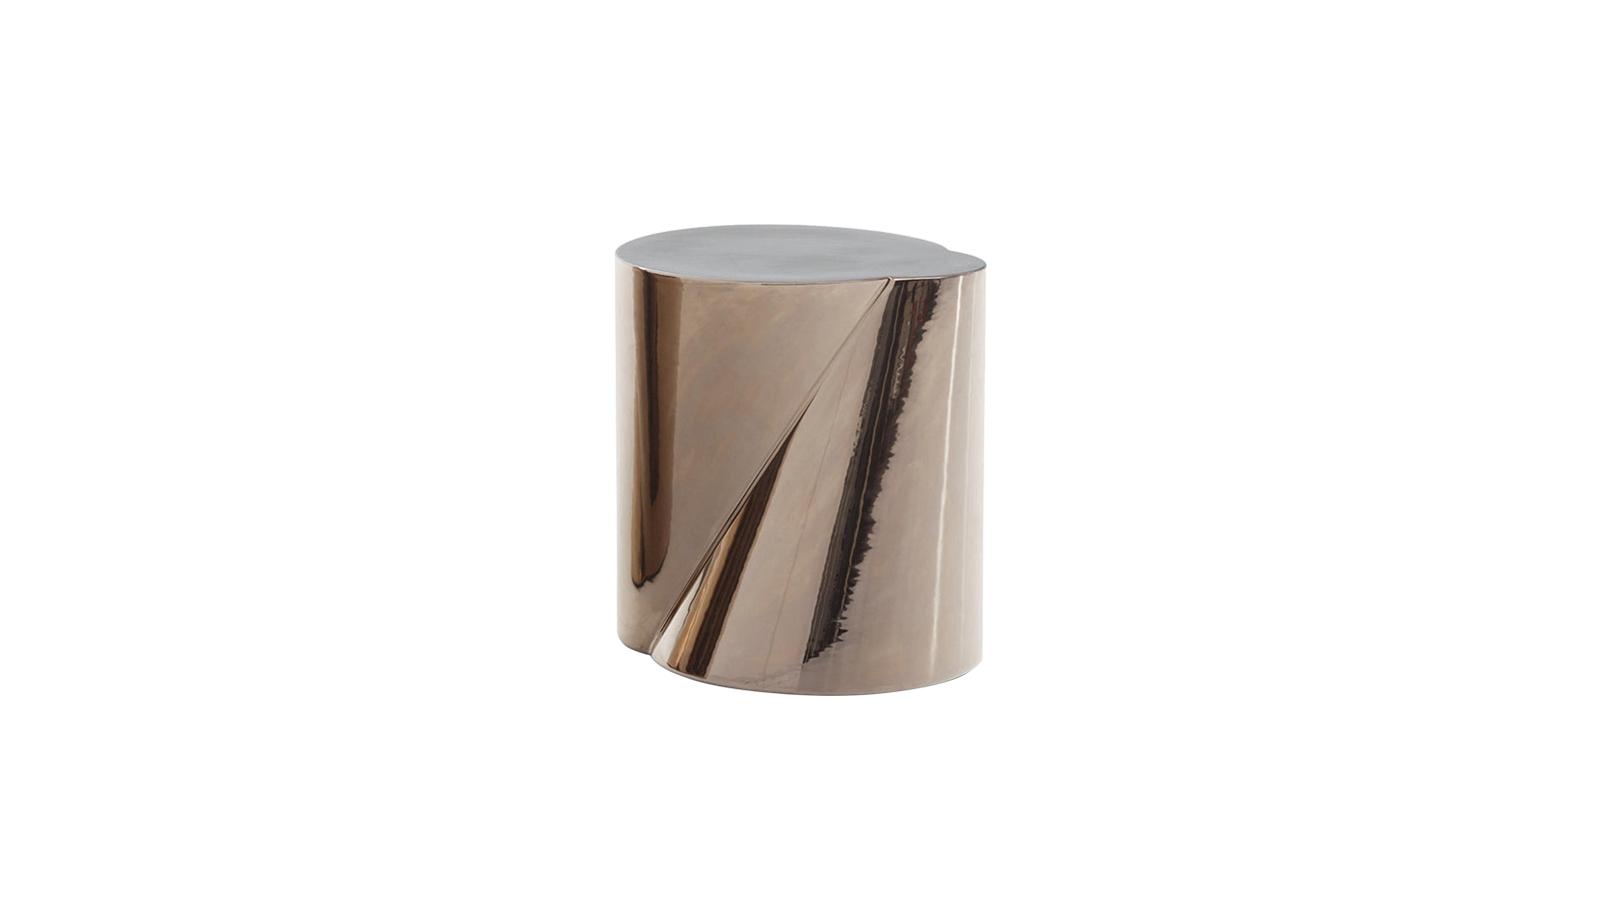 Szoborszerűen olvad össze két csonkakúp egy hengerszerű formává, ahol a szofisztikált, lágy vonalakon elidőzhet a tekintet. A hagyományos, kézműves gyártási technológiával, kerámiából készült lerakósztalka valódi egyéniség, minden egyes darab kicsit más, így különleges színfoltja a nappalinak. Hogy egyéb bútorokkal, kiegészítőkkel harmonizálhasson, bronz és platina színekben is kapható.